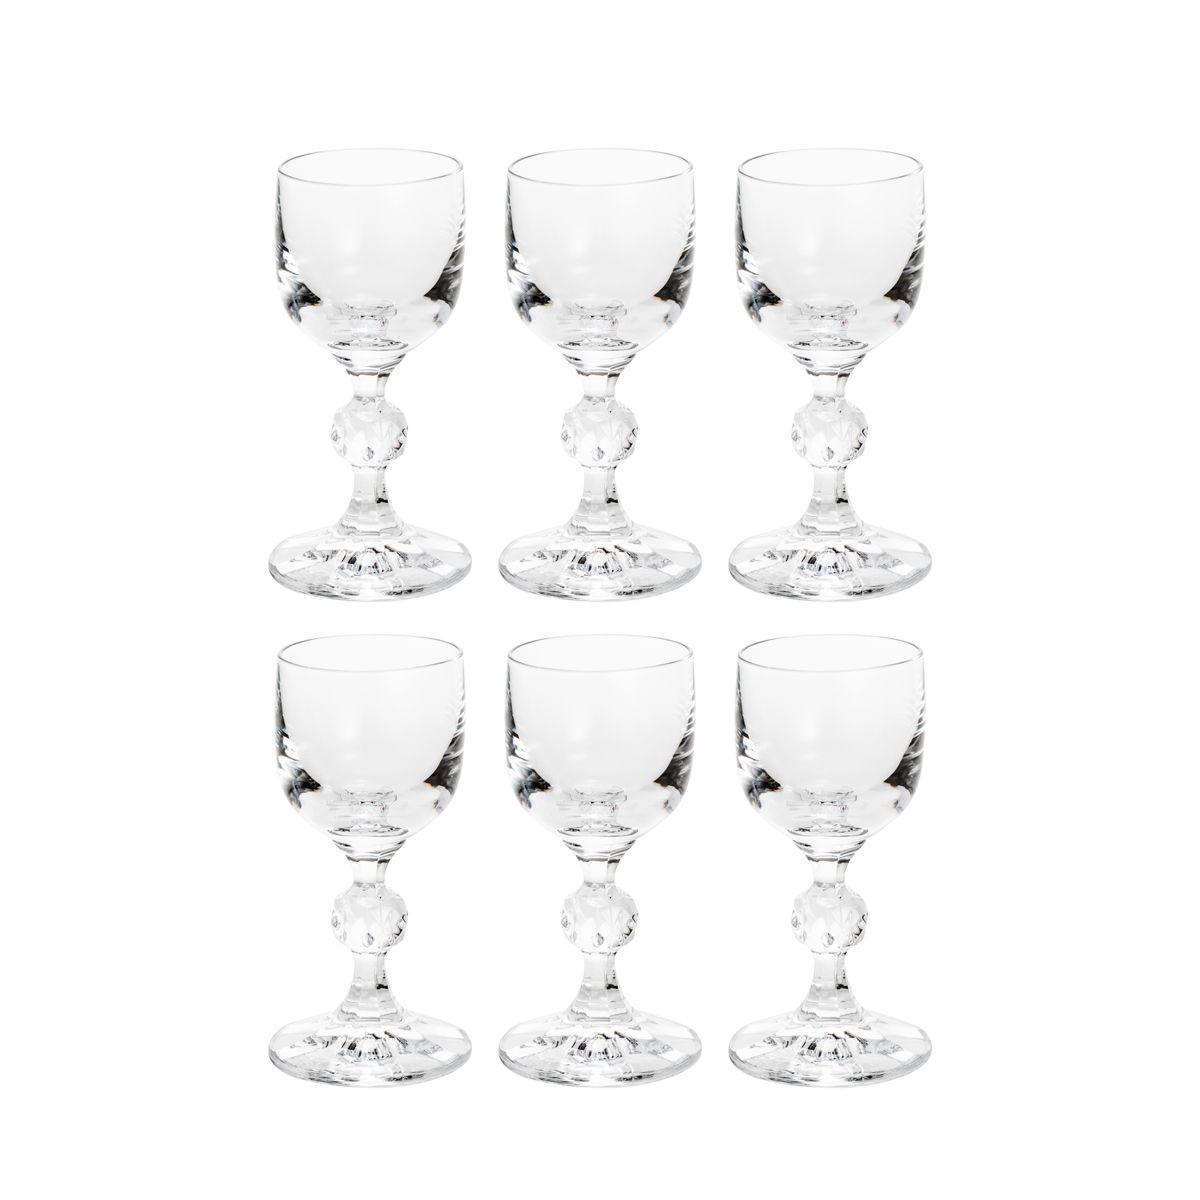 Jogo 6 taças 50ml para licor de cristal ecológico transparente Klaudie Bohemia - 5437